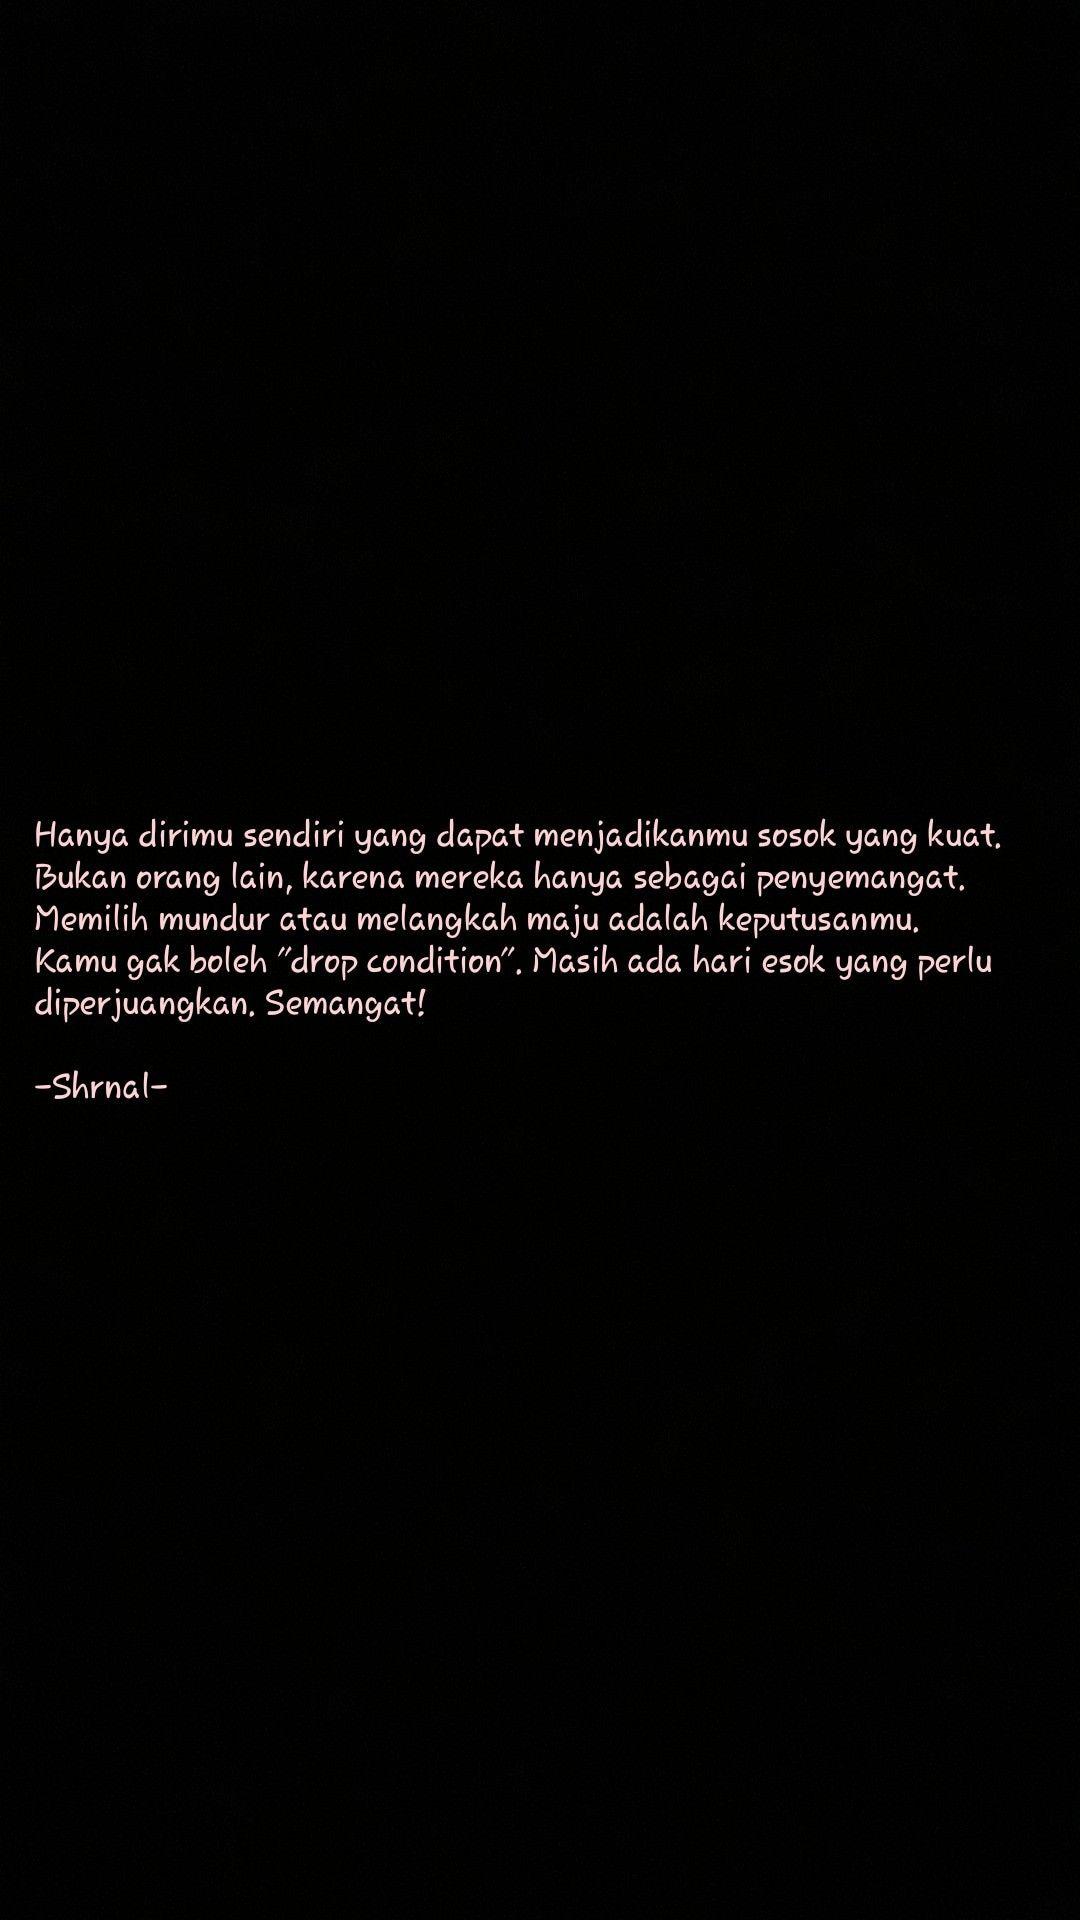 #myself #lovemyself #nevergiveup #fight #katabijak #bijak #motivasi